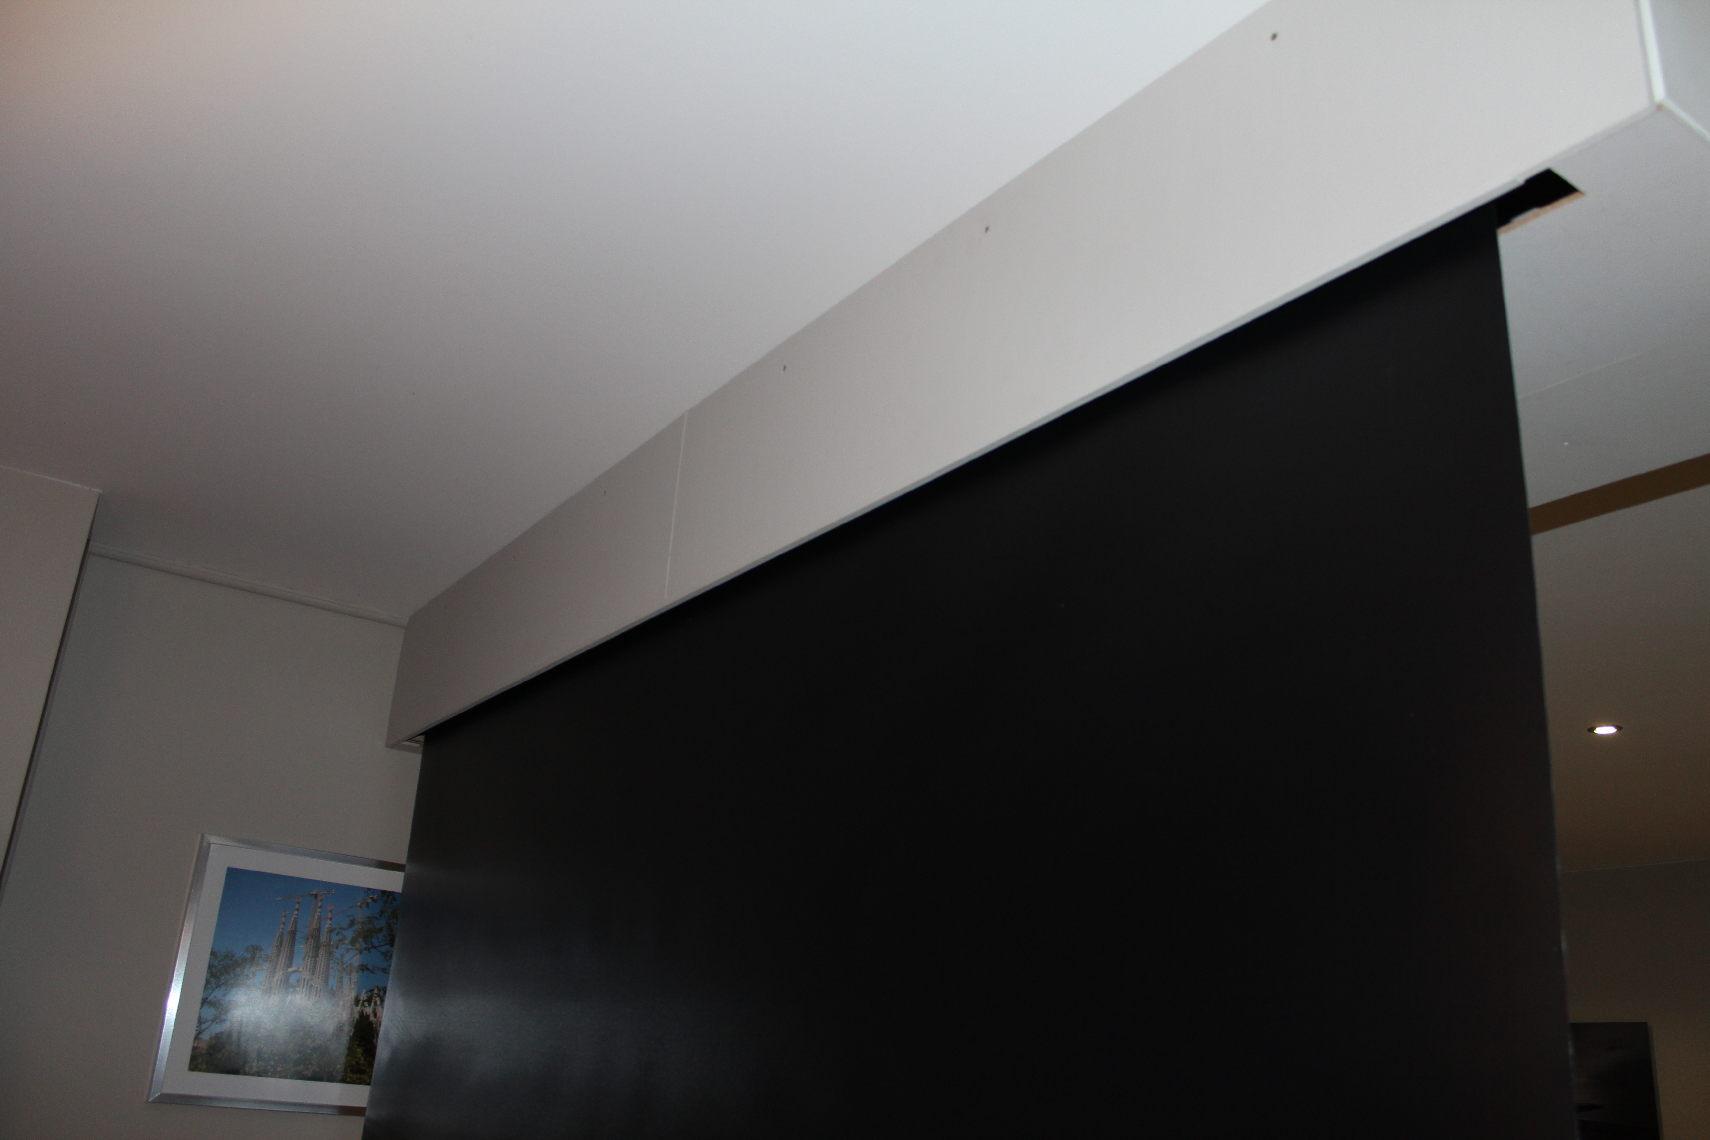 Salon Hc De Pou Coffre Projo Et Centrale Escamotable 30066677